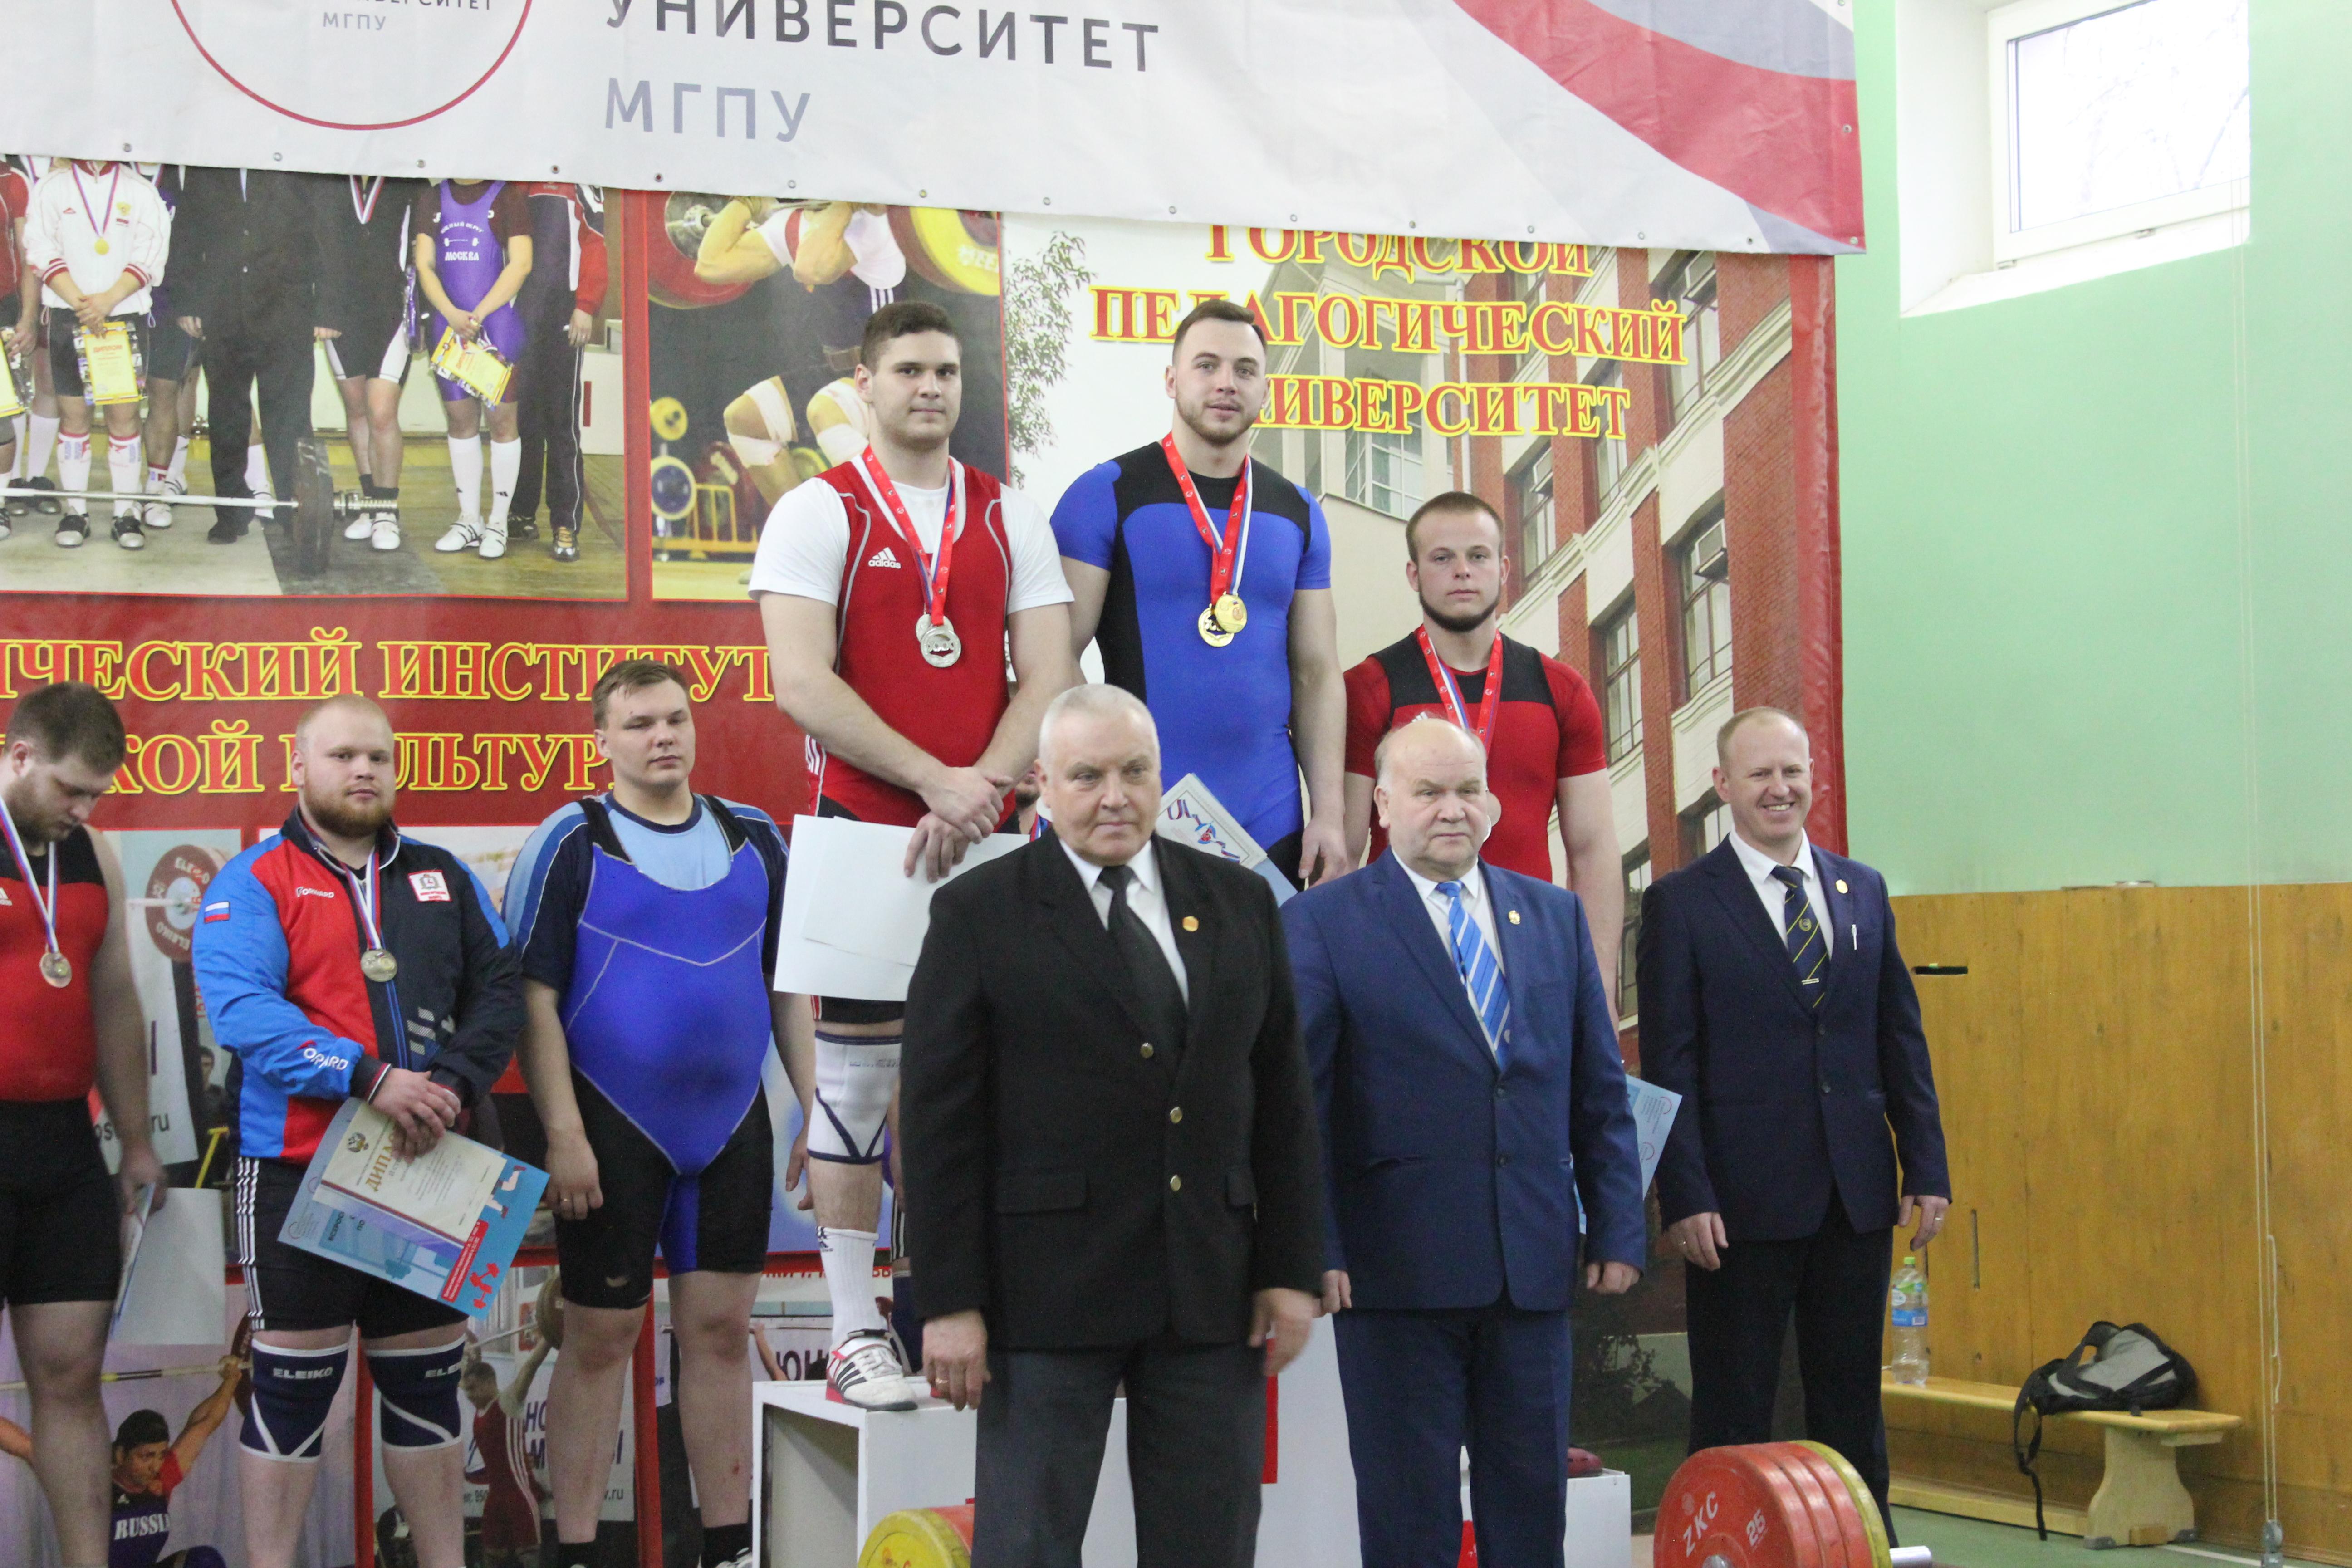 Всероссийские студенческие соревнования потяжелой атлетике